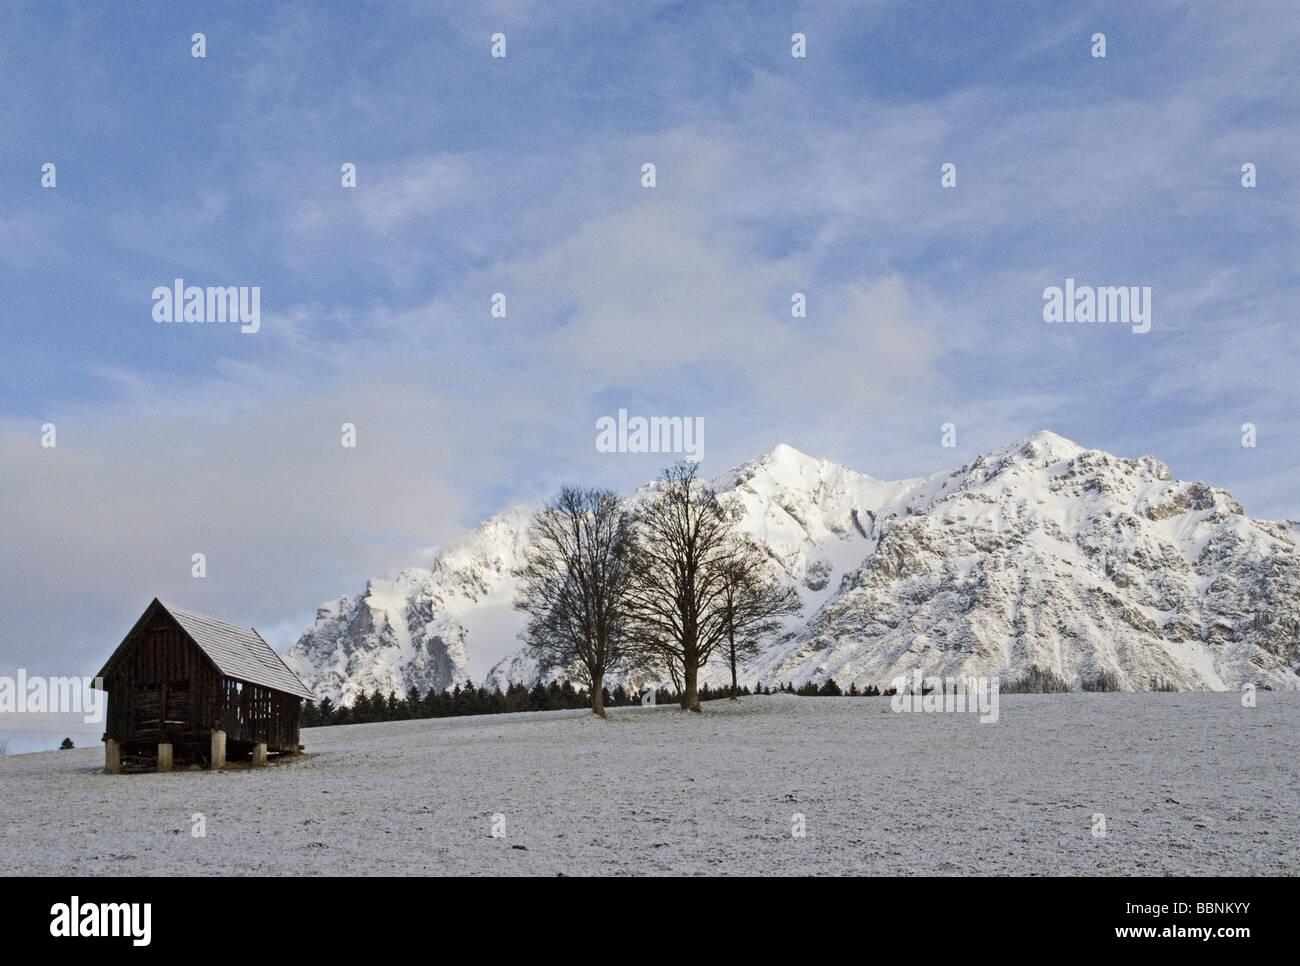 Geographie/Reisen, Österreich, Salzburg Land, Landschaften, Dachsteinmassiv, Scheichenspitz (2667 m), Additional Stockbild